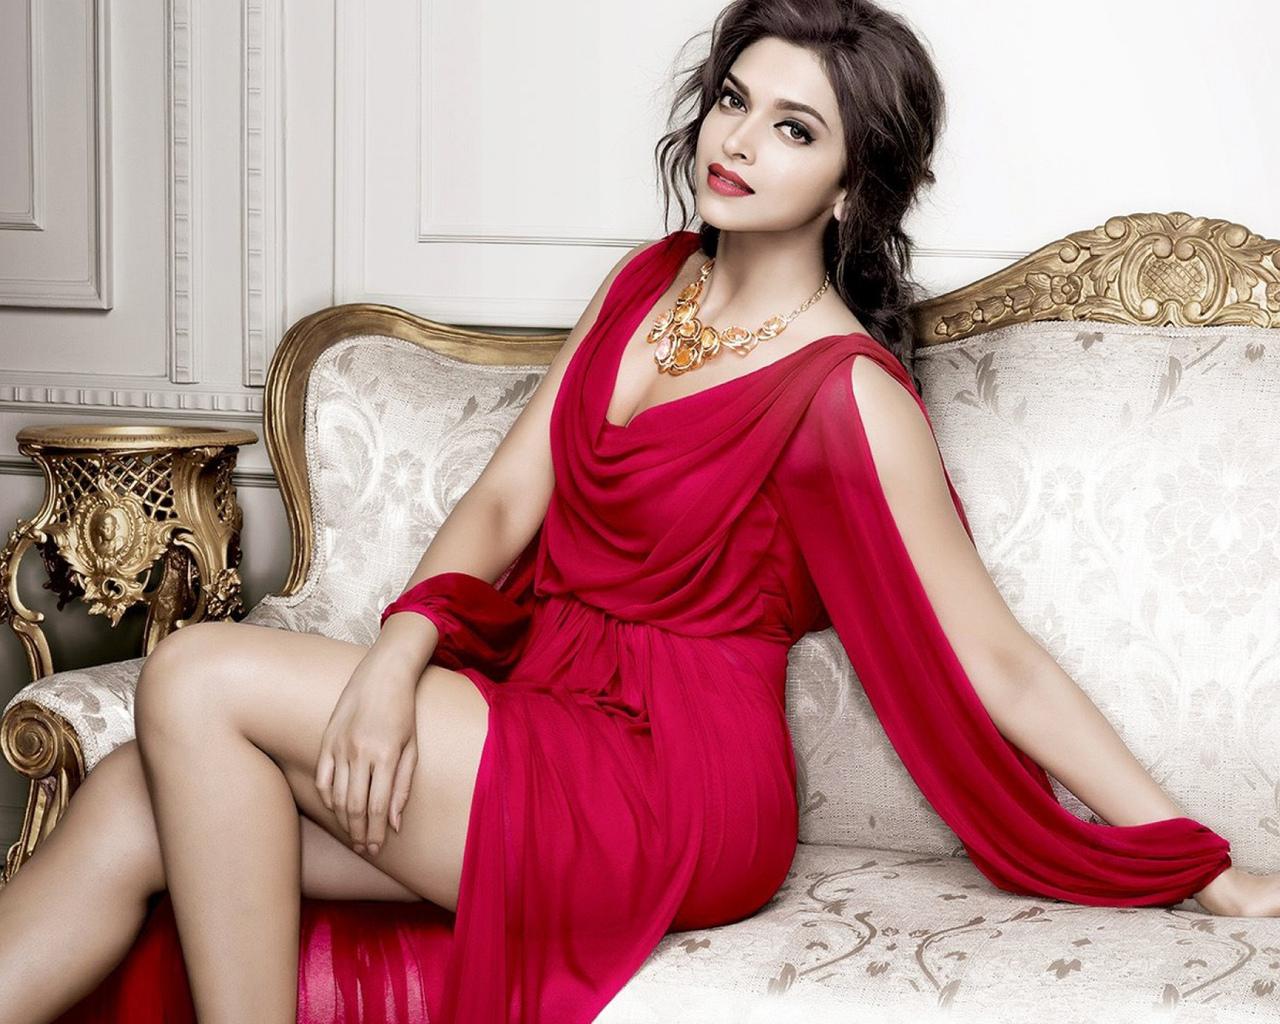 Эротичиский фото индиский актрисы 26 фотография